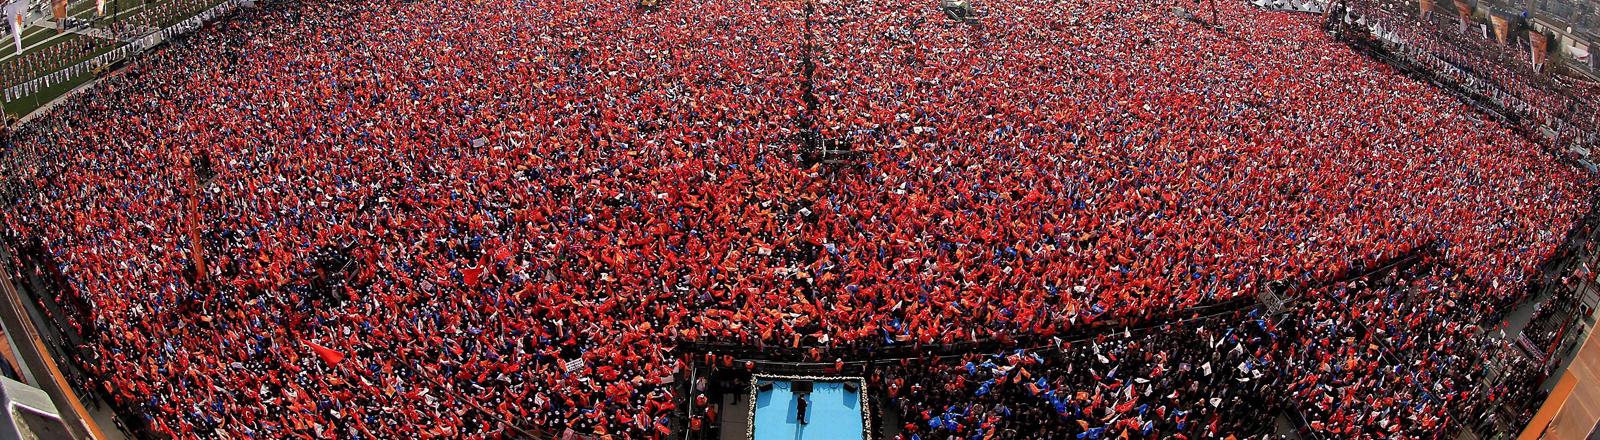 Wahlkampfveranstaltung der AKP in Istanbul. Anhänger jubeln dem Parteivorsitzenden Erdogan an.